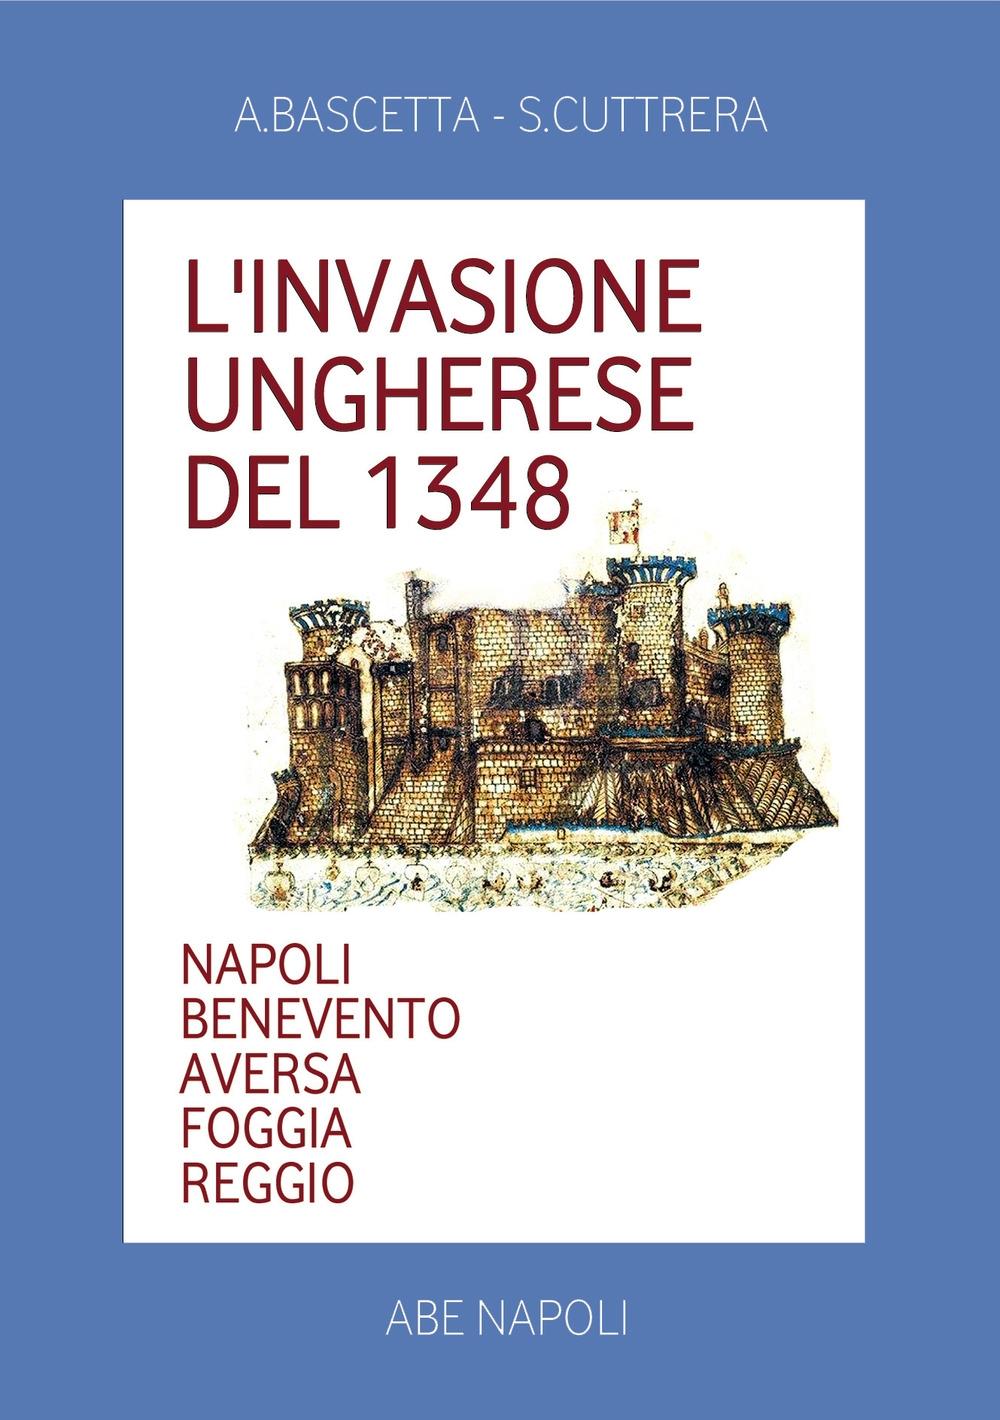 L'invasione ungherese del 1348. Napoli, Benevento, Aversa, Foggia, Reggio